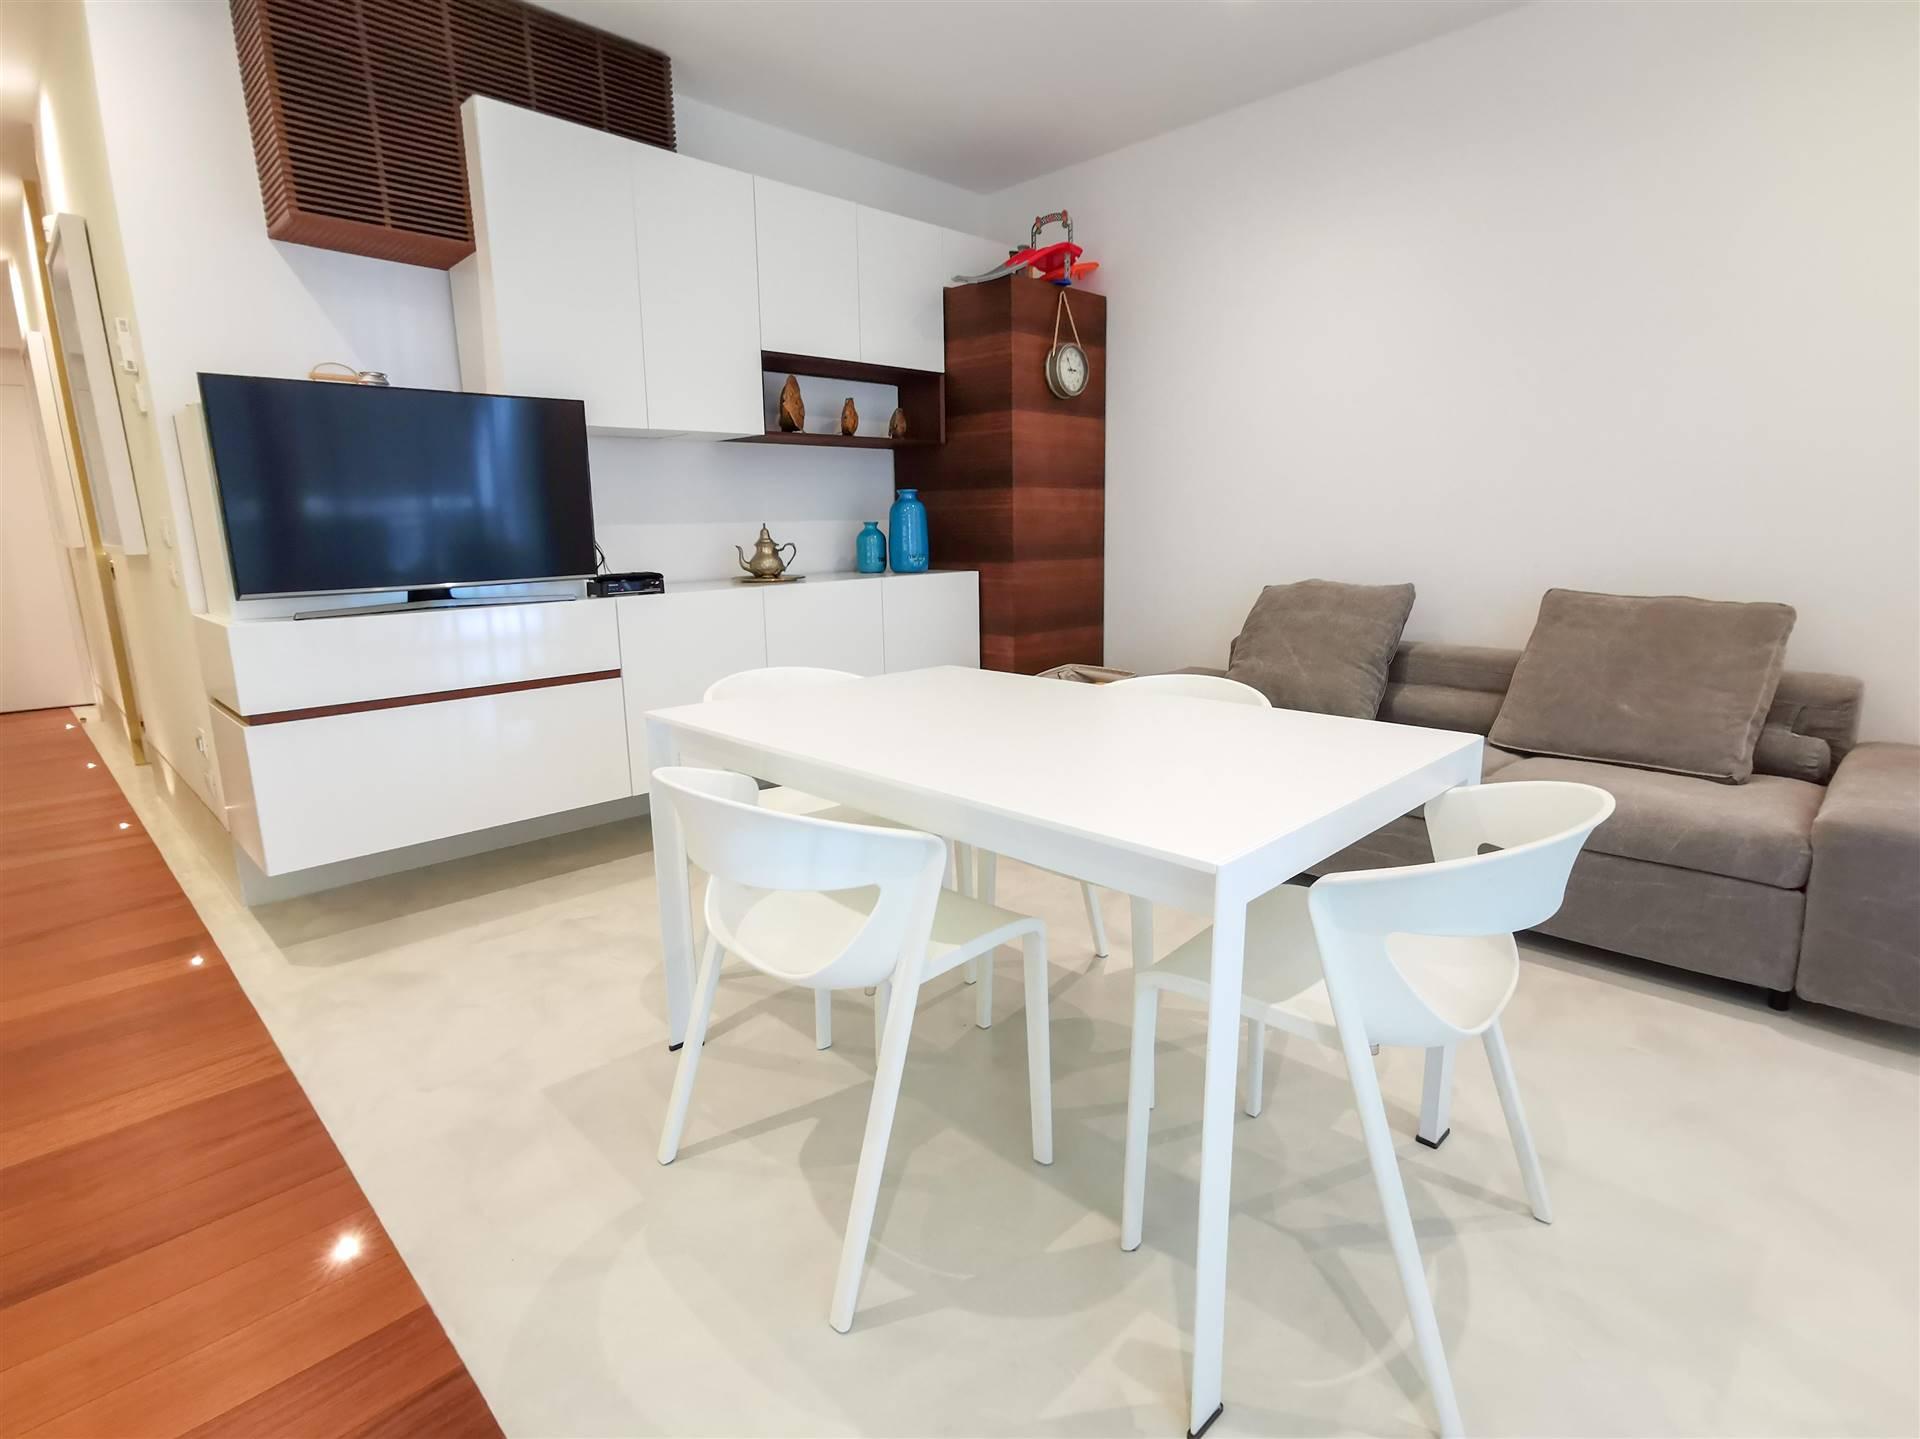 JESOLO Appartamento con due camere signorile con domotica Foto 5